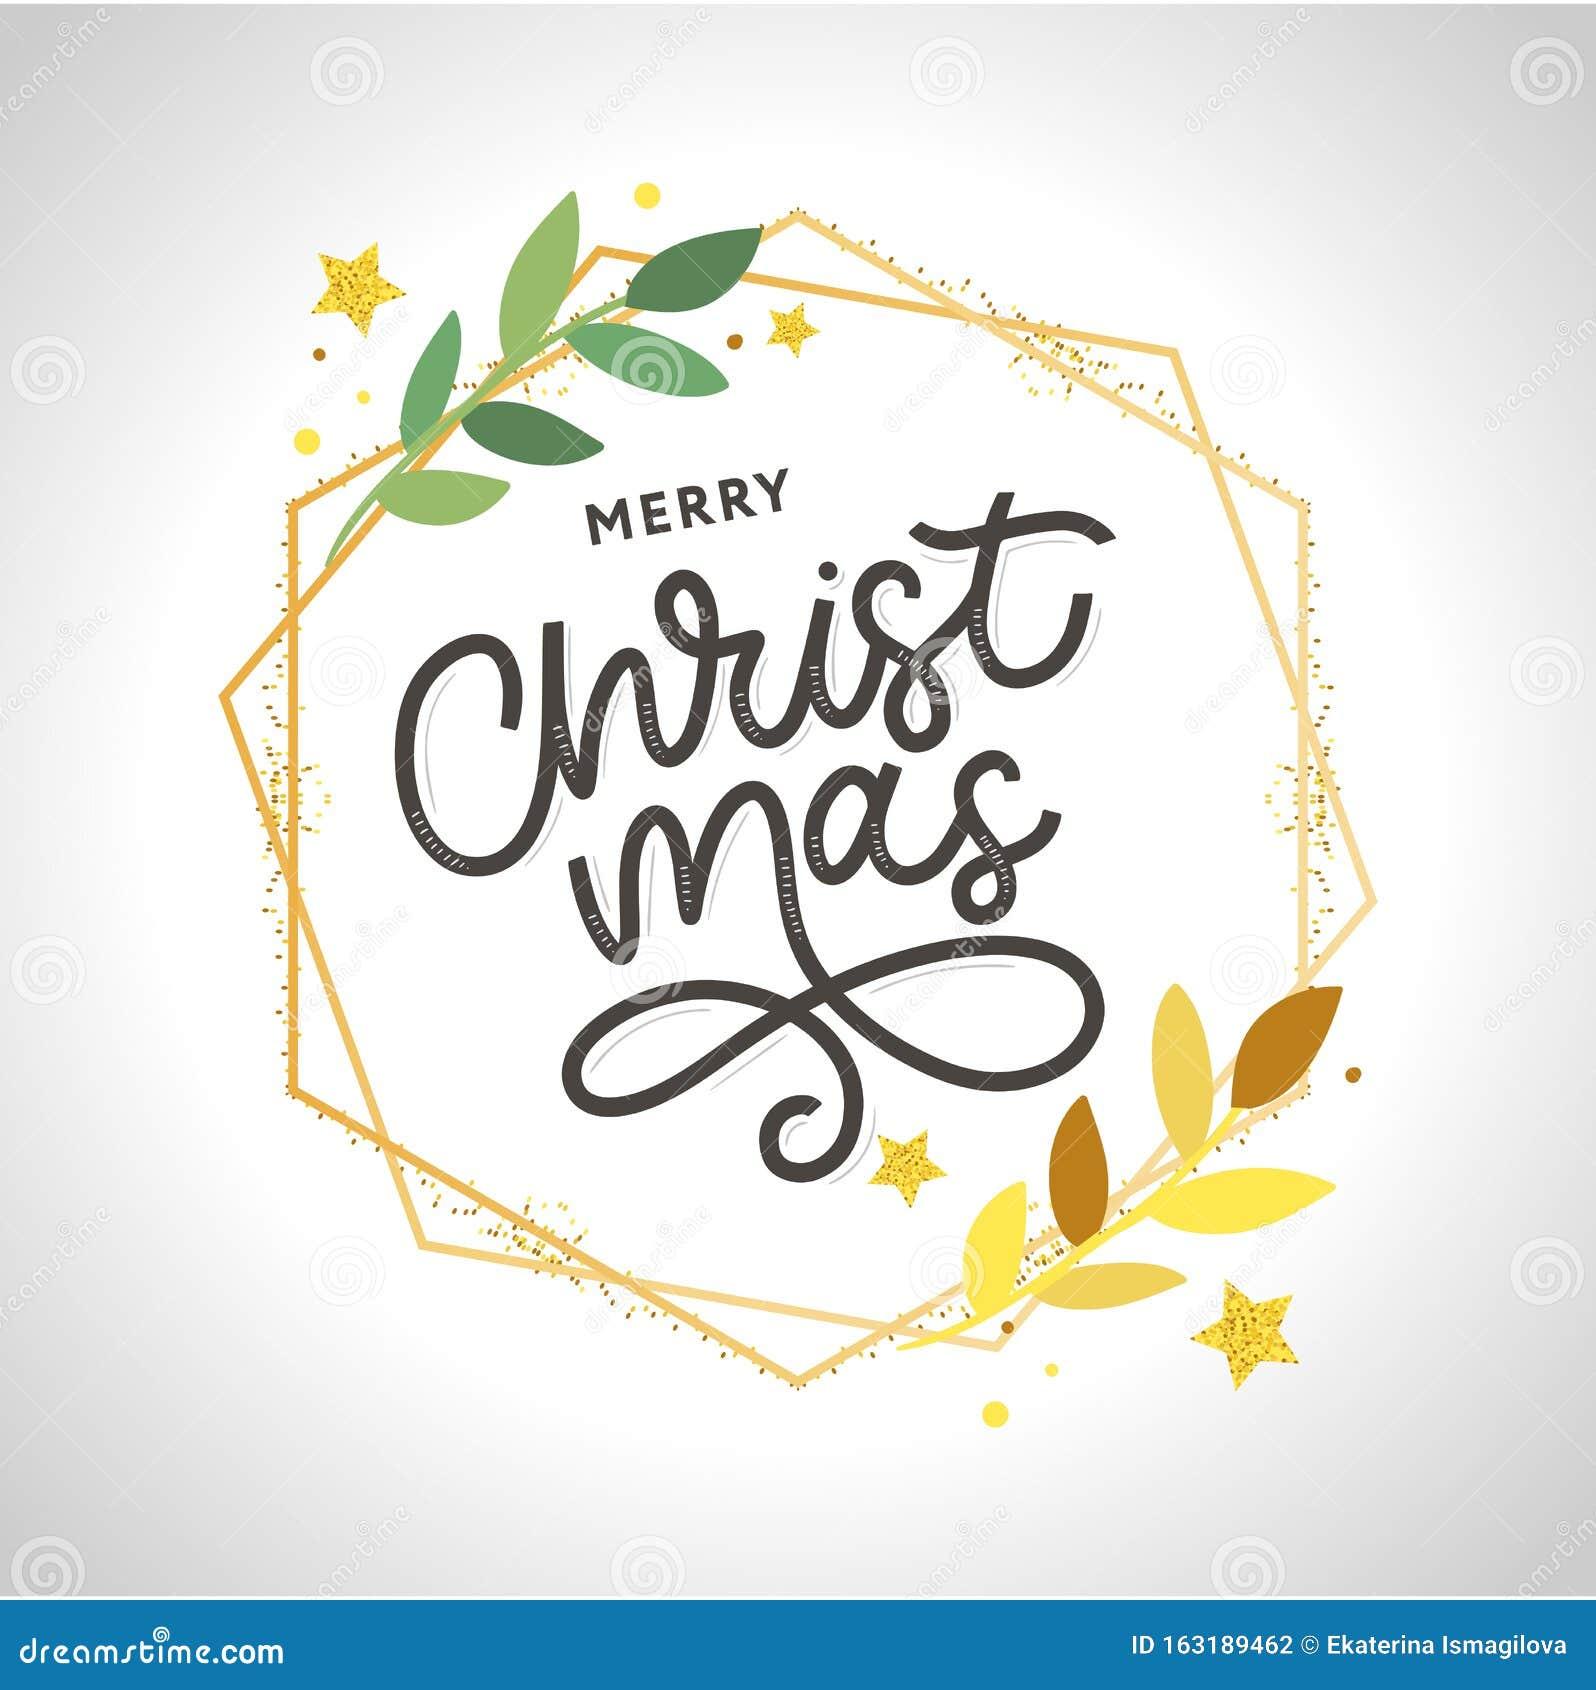 Merry Christmas gold glittering lettering design. Vector illustration EPS 10